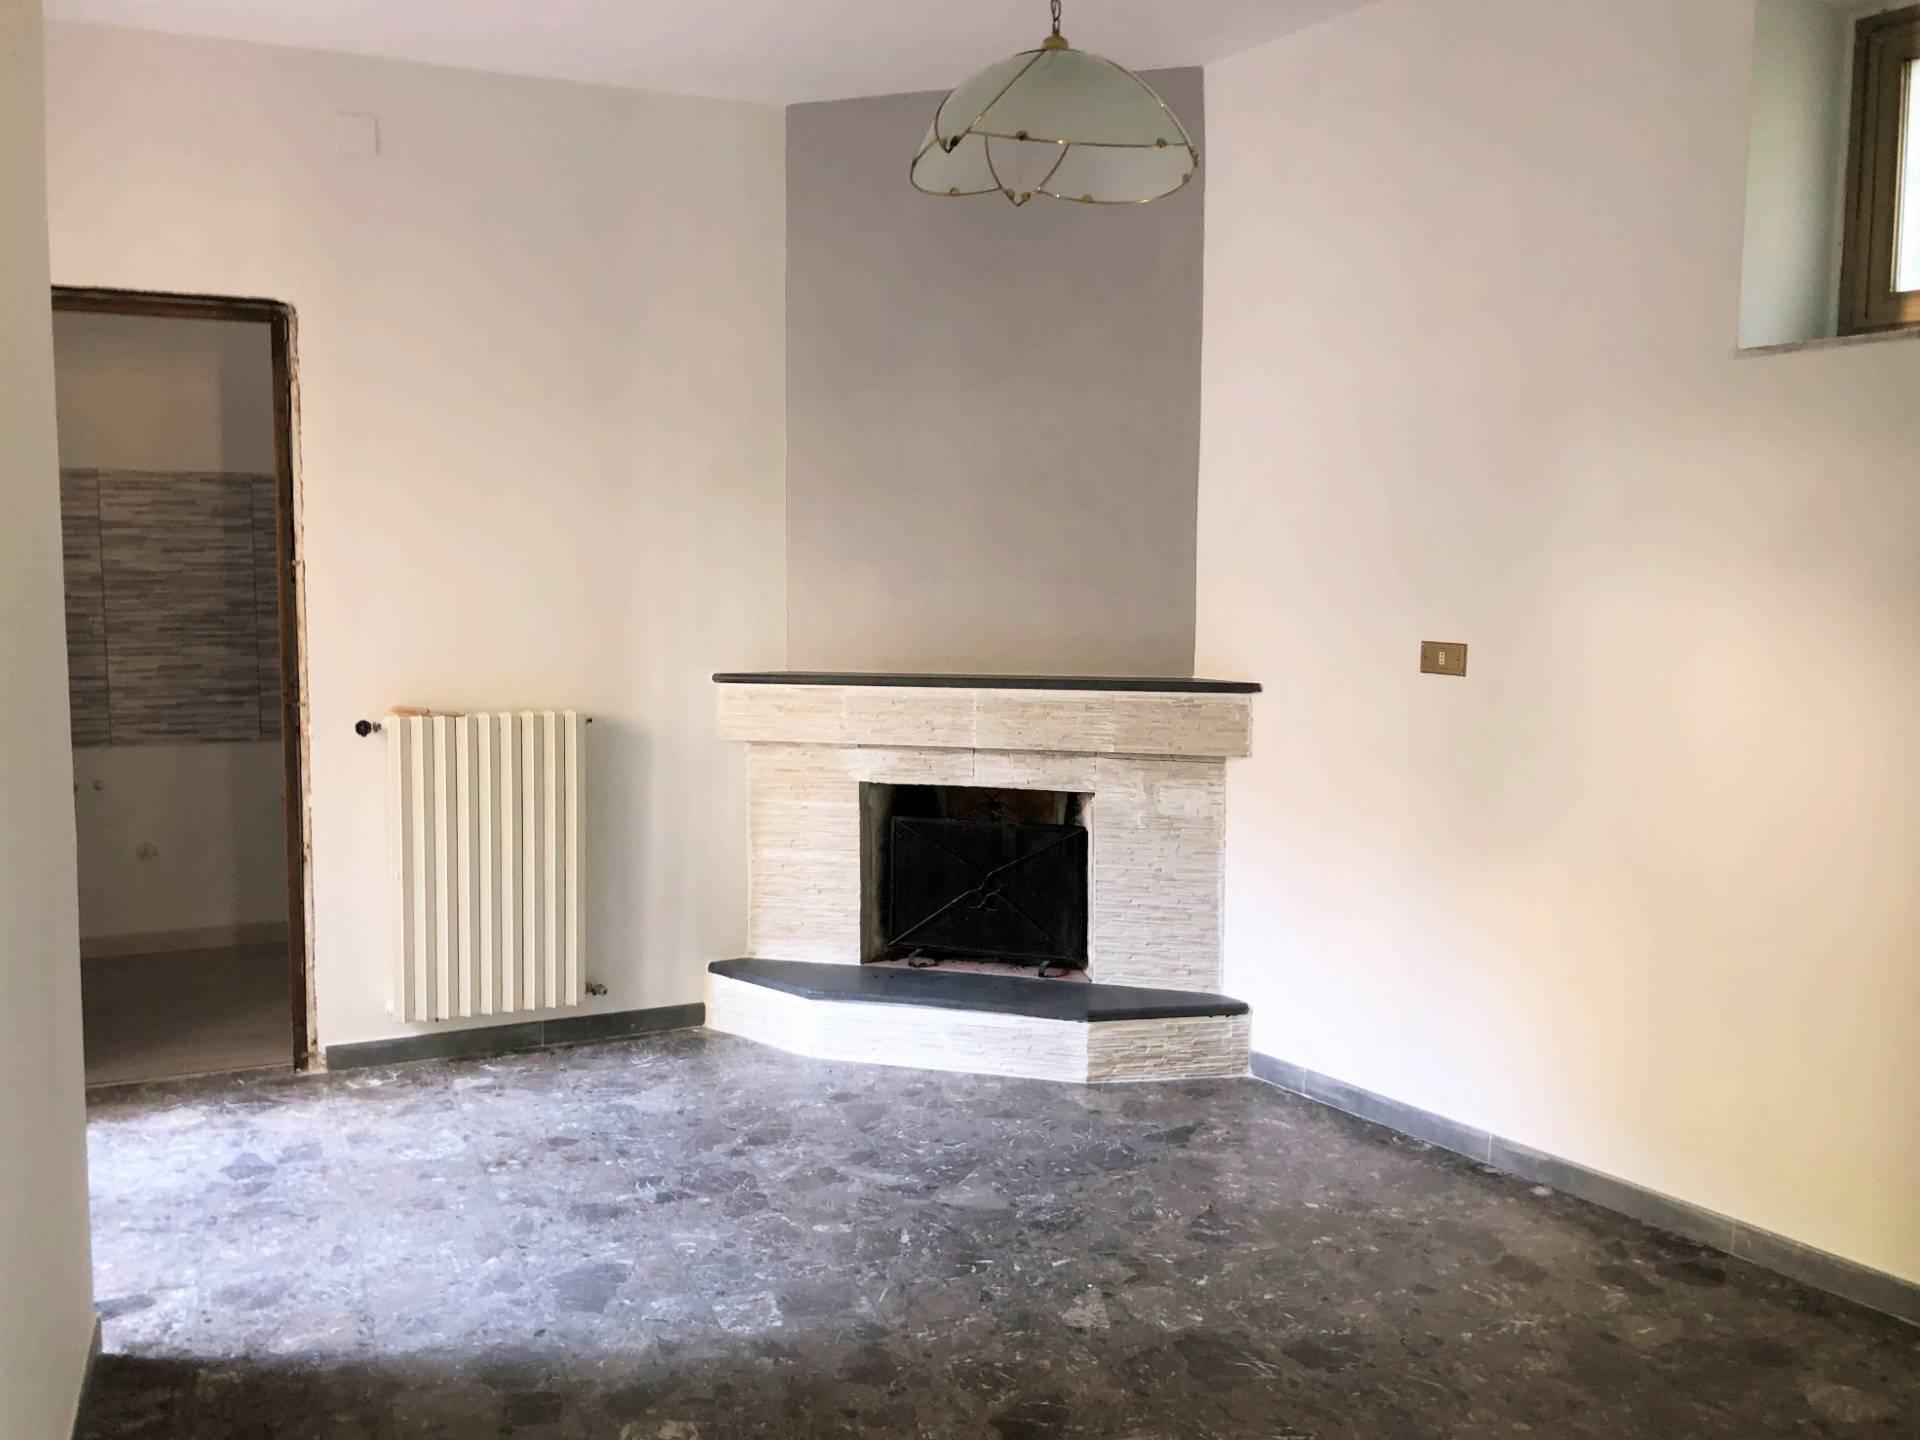 Appartamento in affitto a Catanzaro, 4 locali, zona Zona: Gagliano, prezzo € 400 | CambioCasa.it